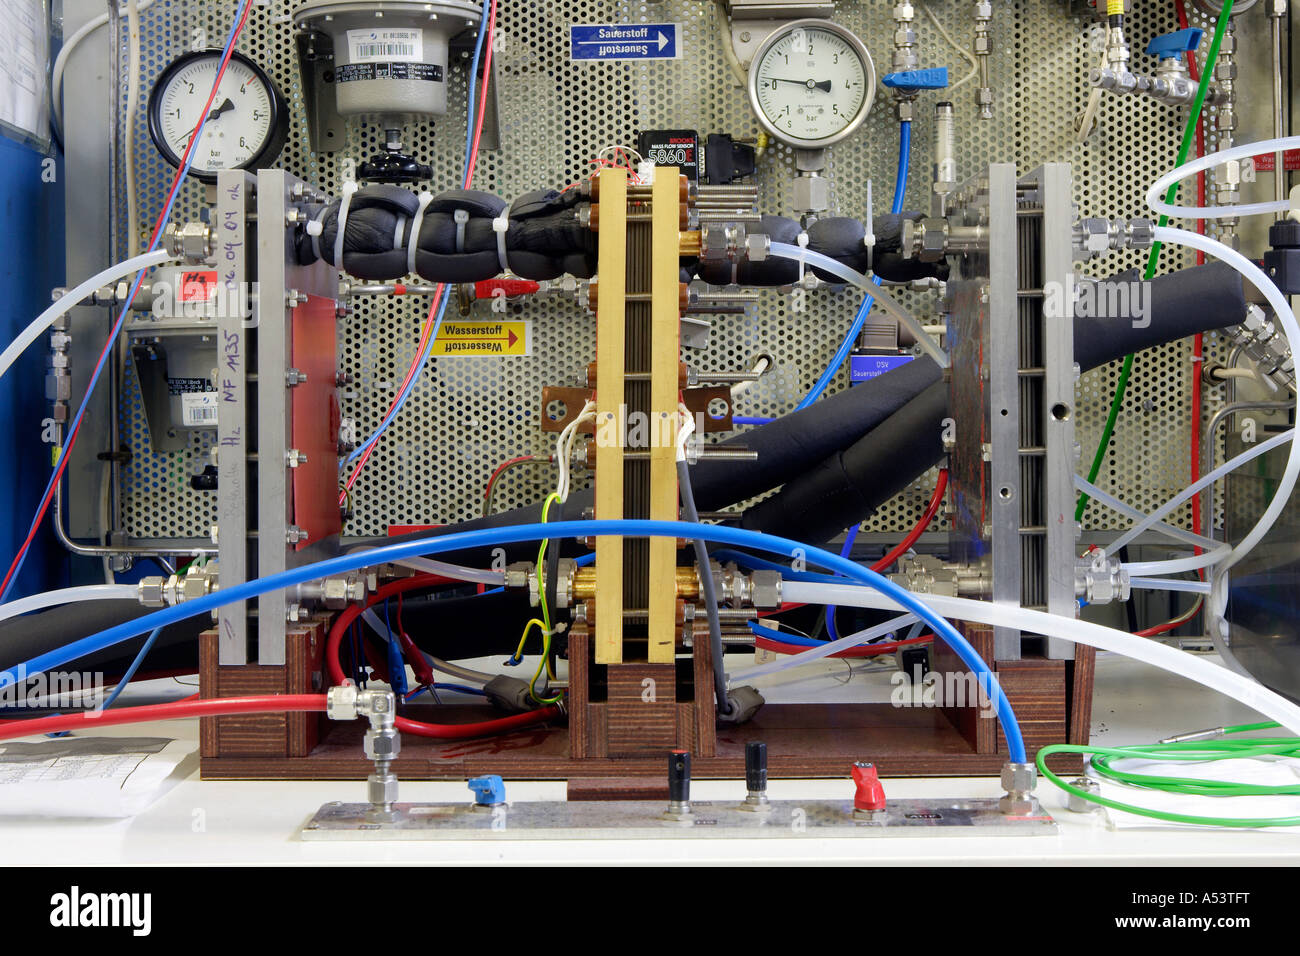 Essais de piles à combustible au Centre de recherches de Juelich, Allemagne Photo Stock